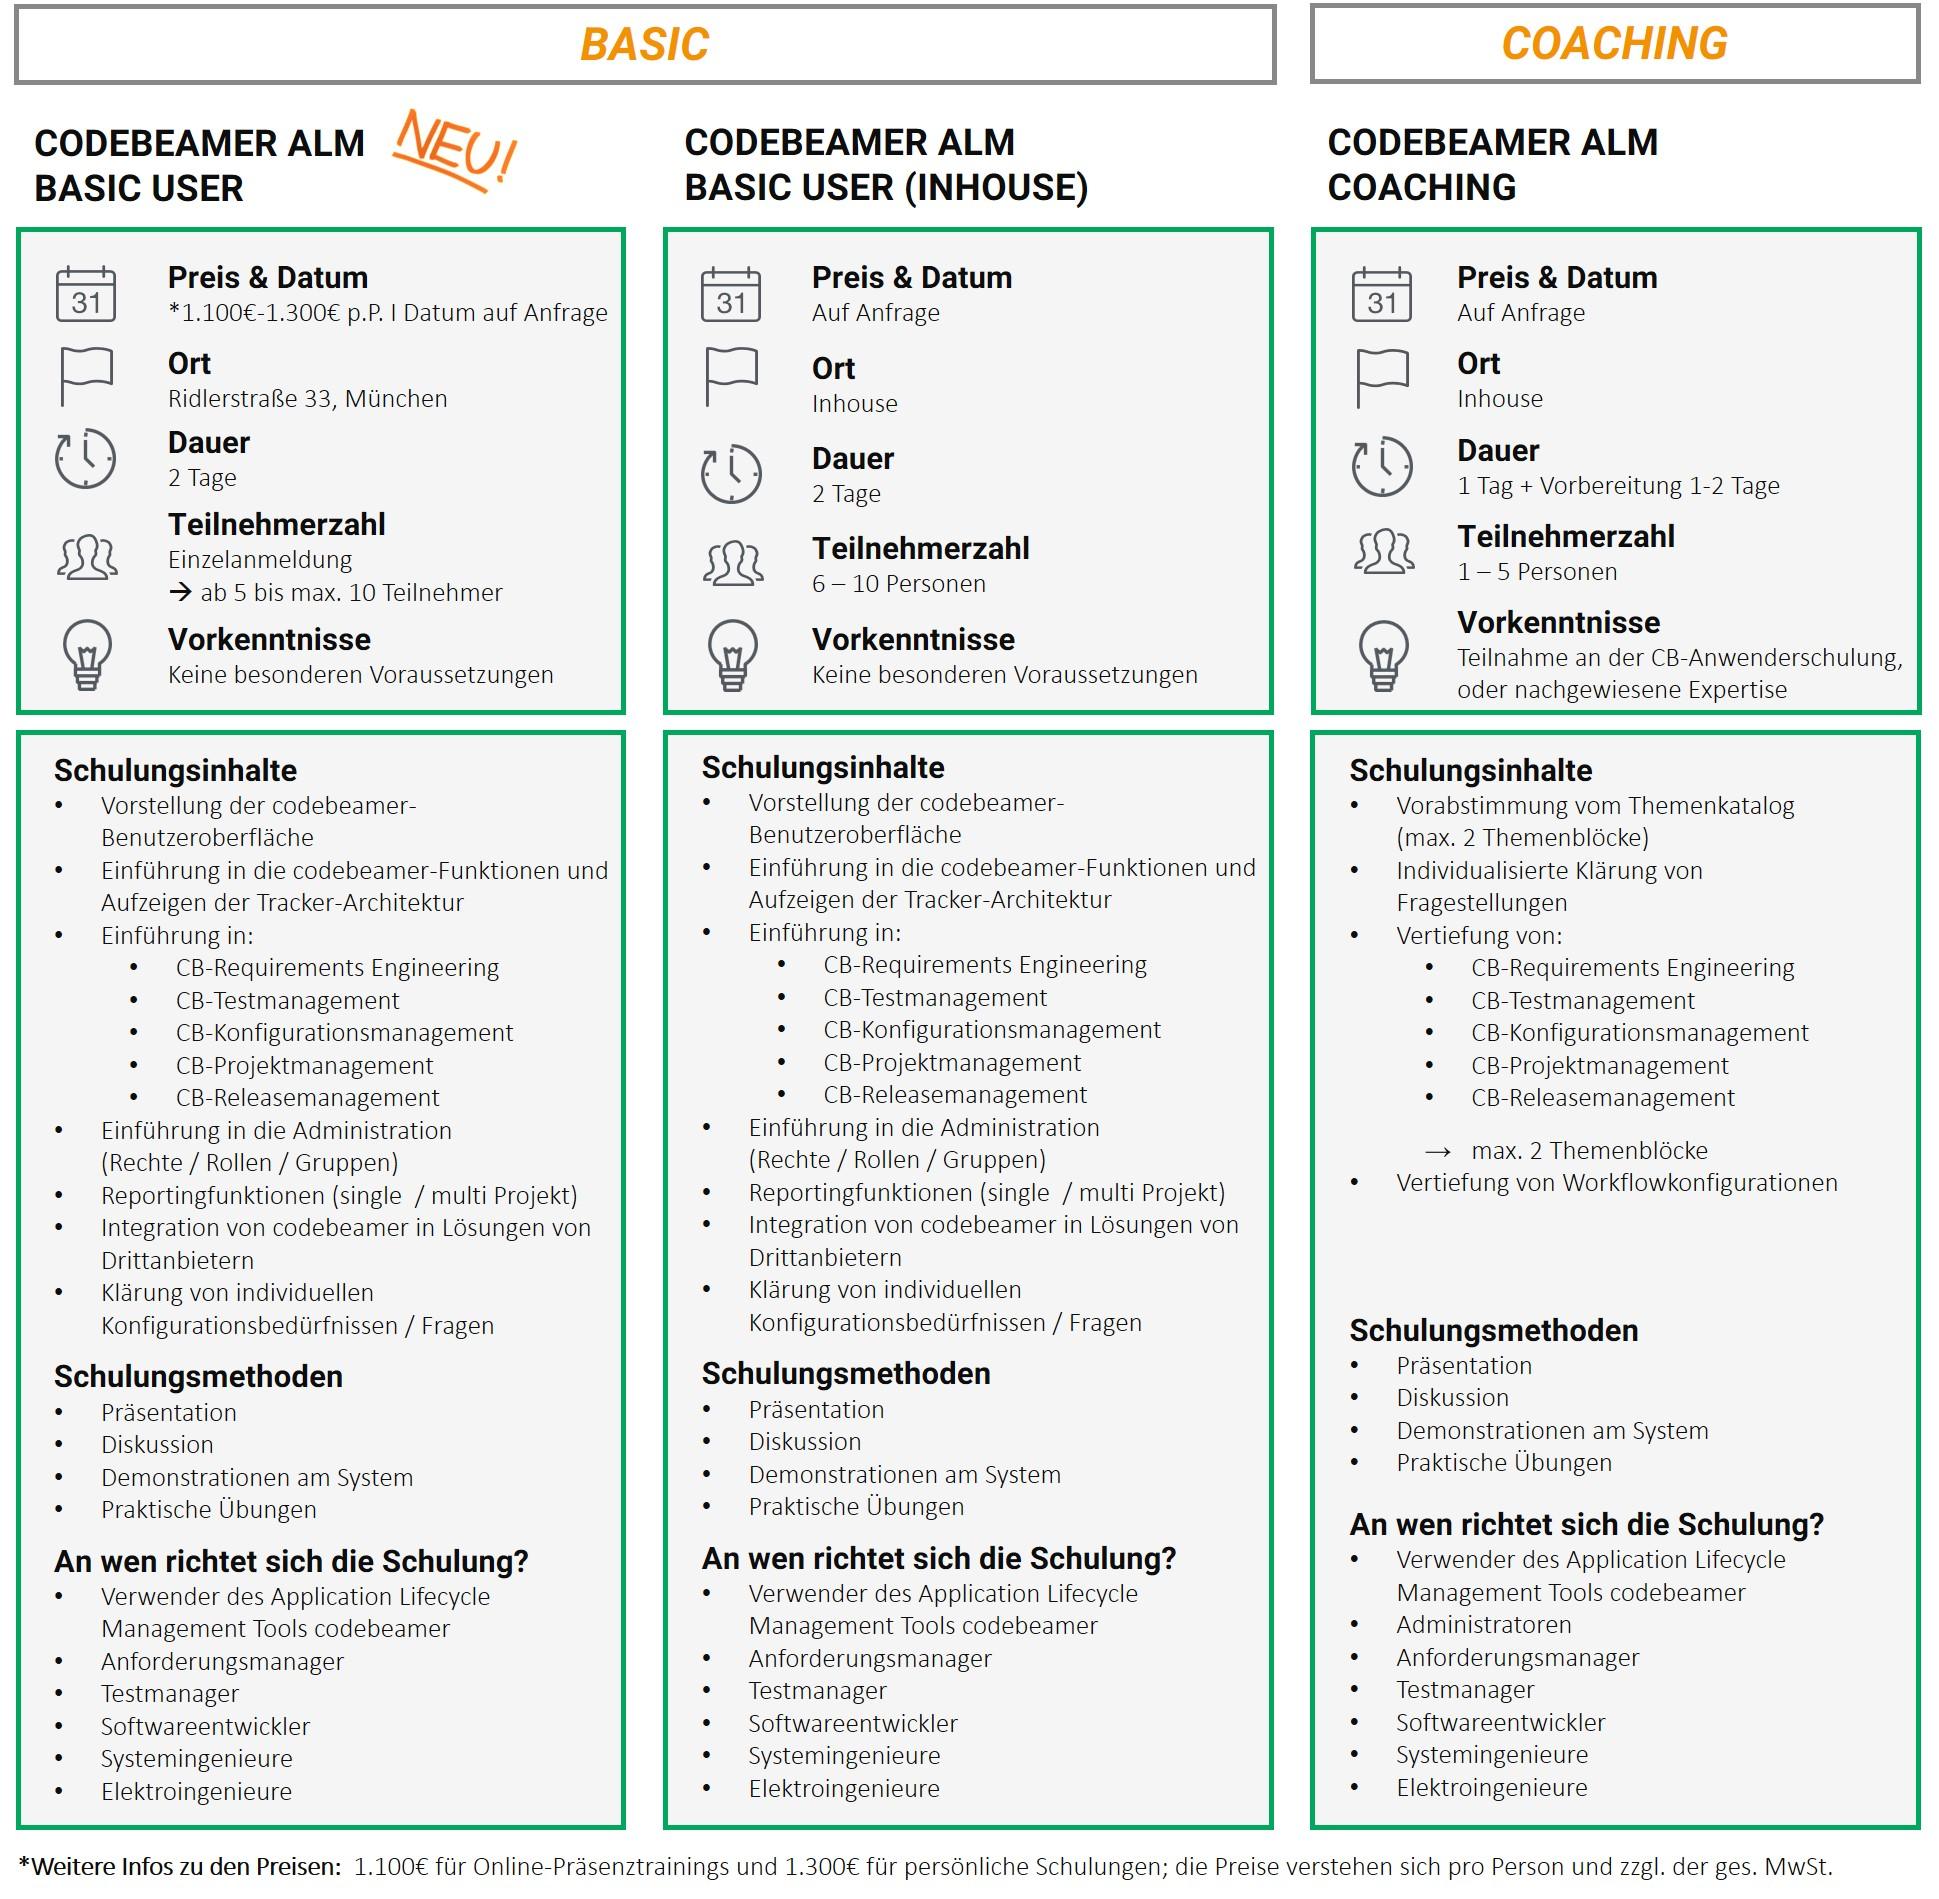 codebeamer_ALM_Schulungen_Loesch_und_Partner_GmbH_Projektmanagement_und_IT_Consulting_Muenchen_Juni_2021